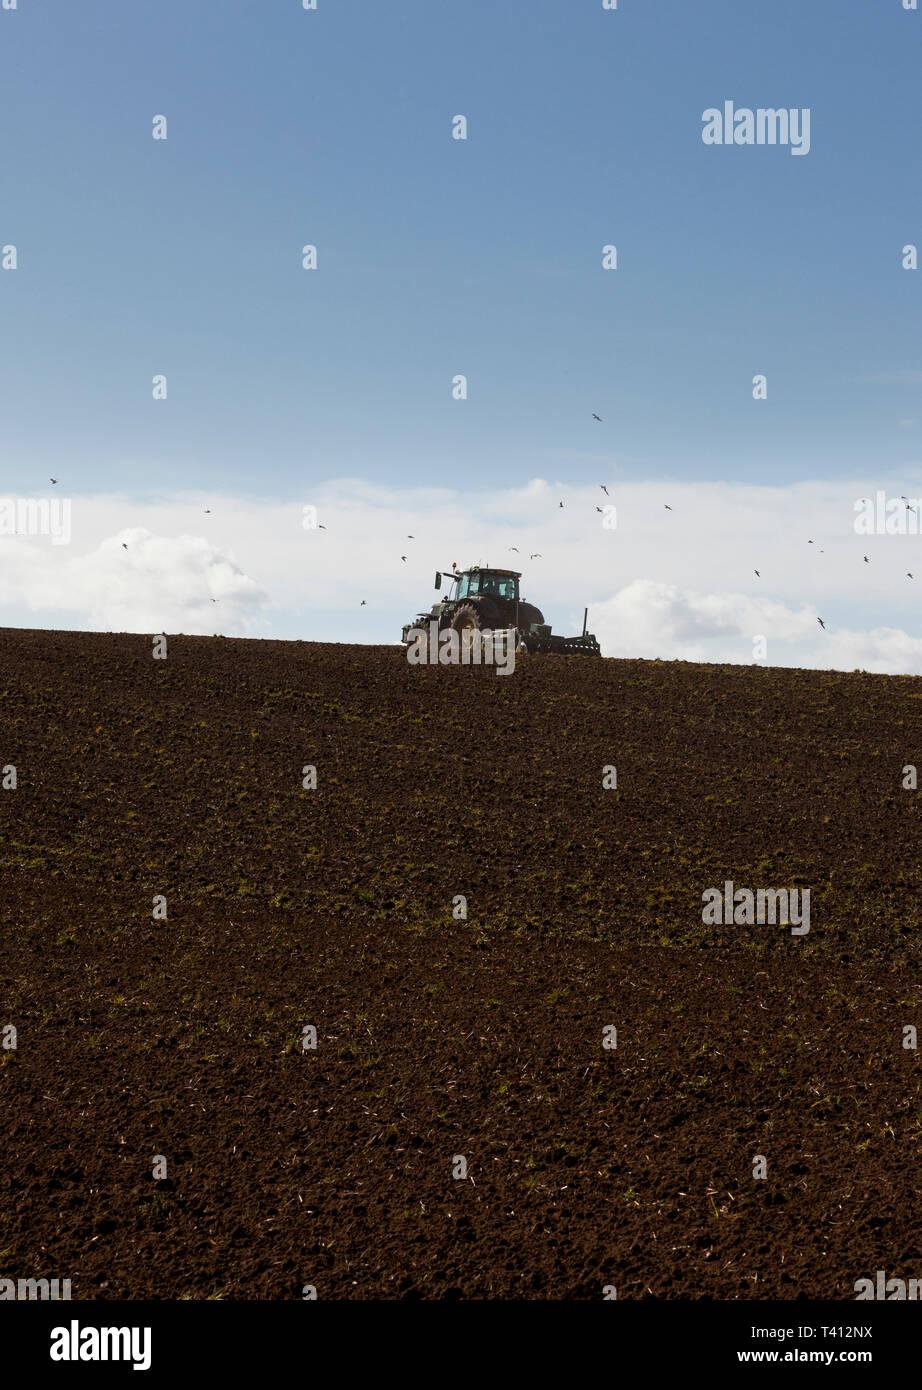 Un tractor cultivando un campo en una colina Foto de stock